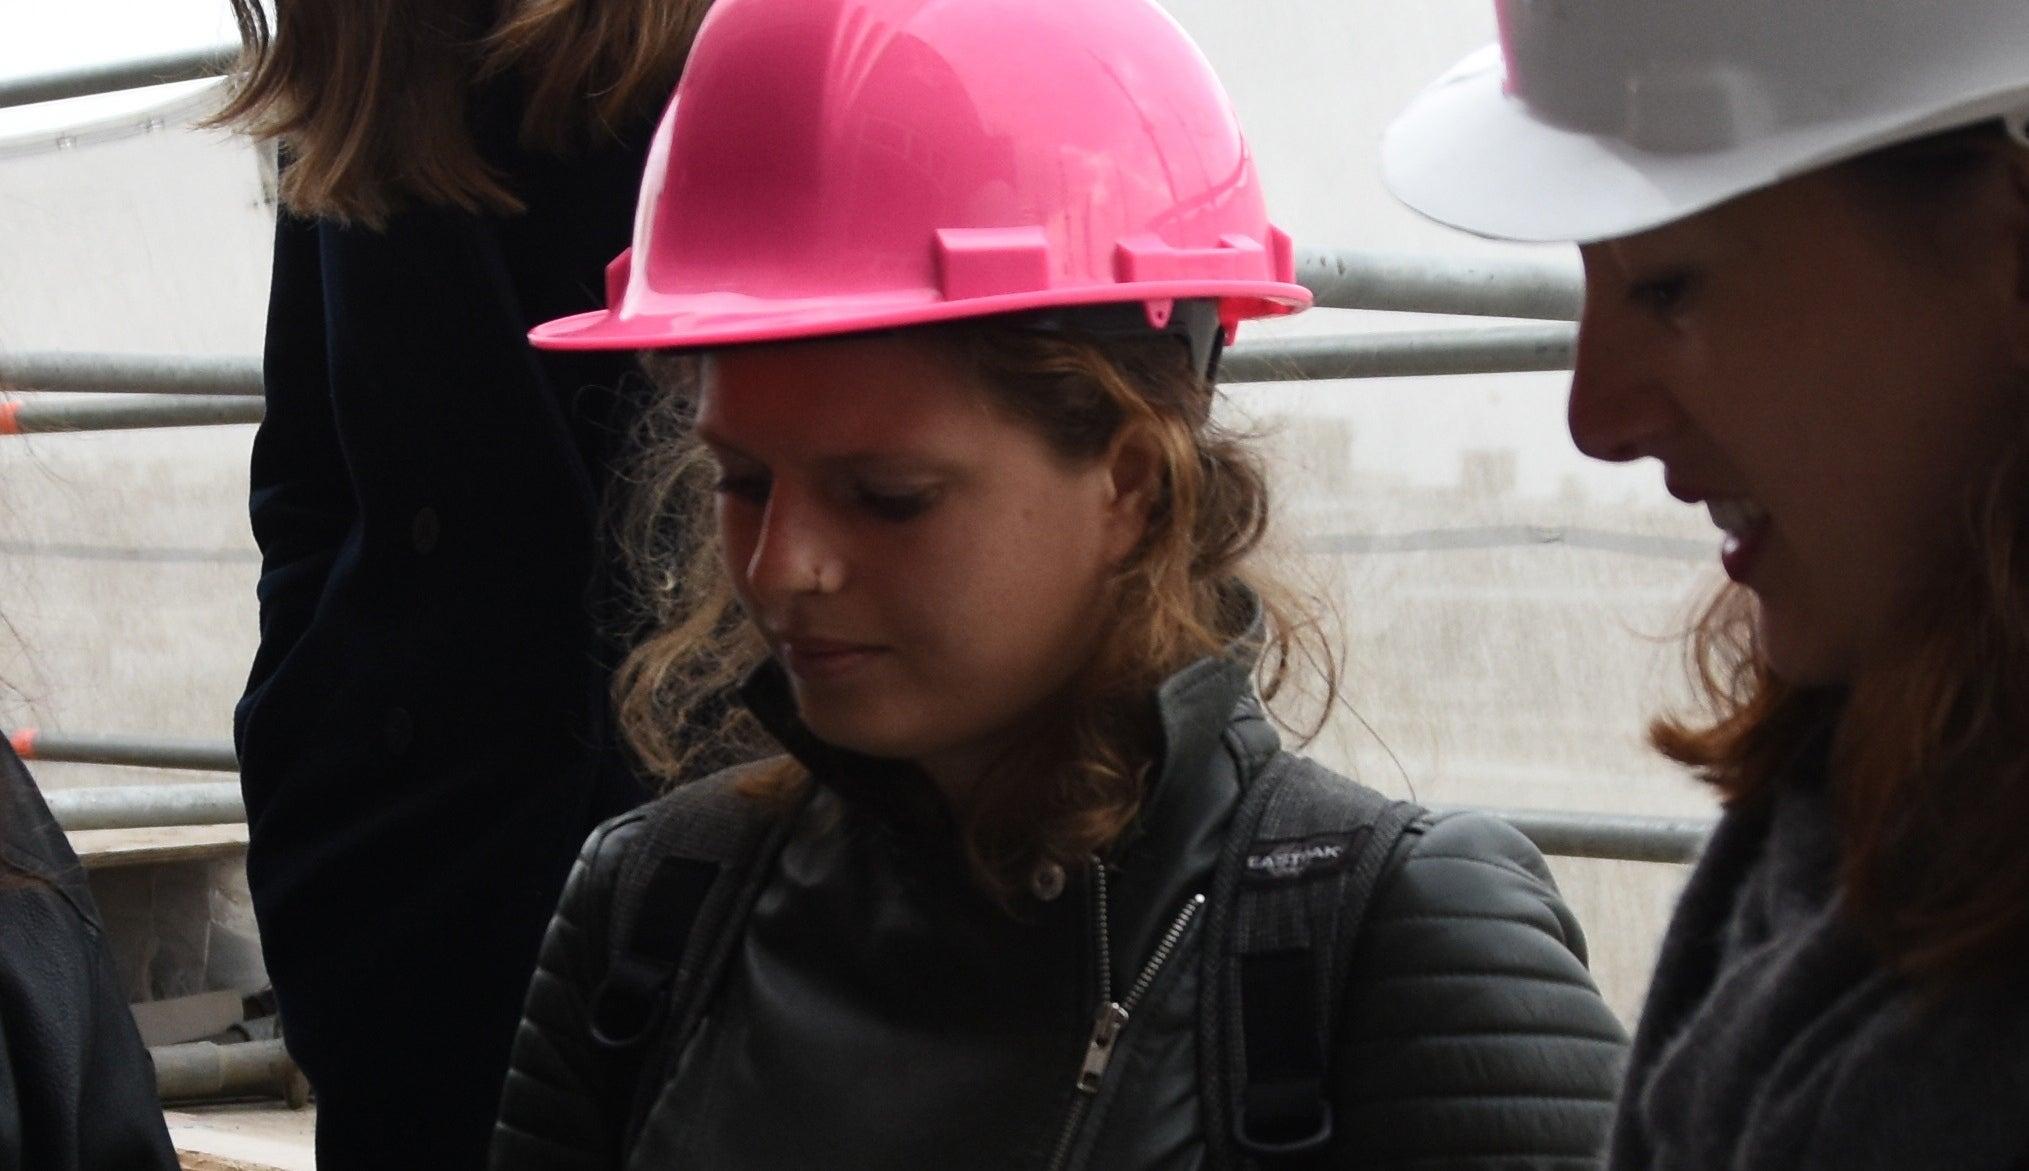 Student Dominique